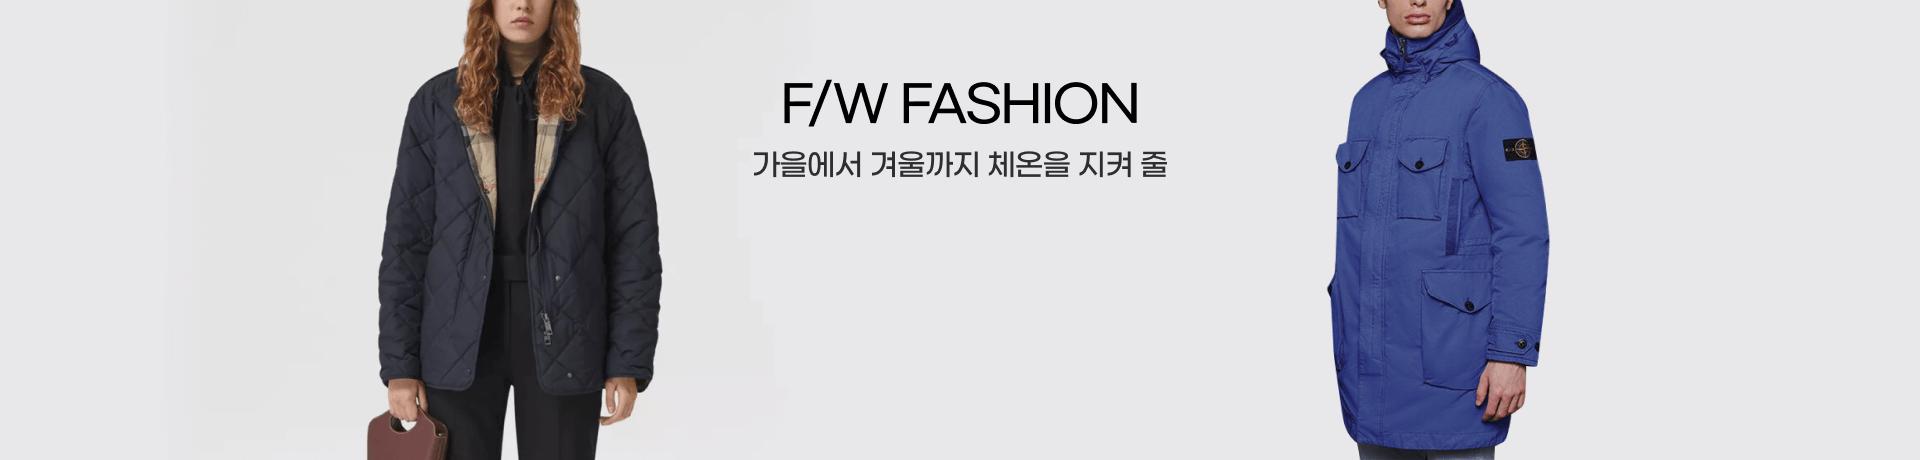 211025_sk_fw-fashion_pc_e8e7ea